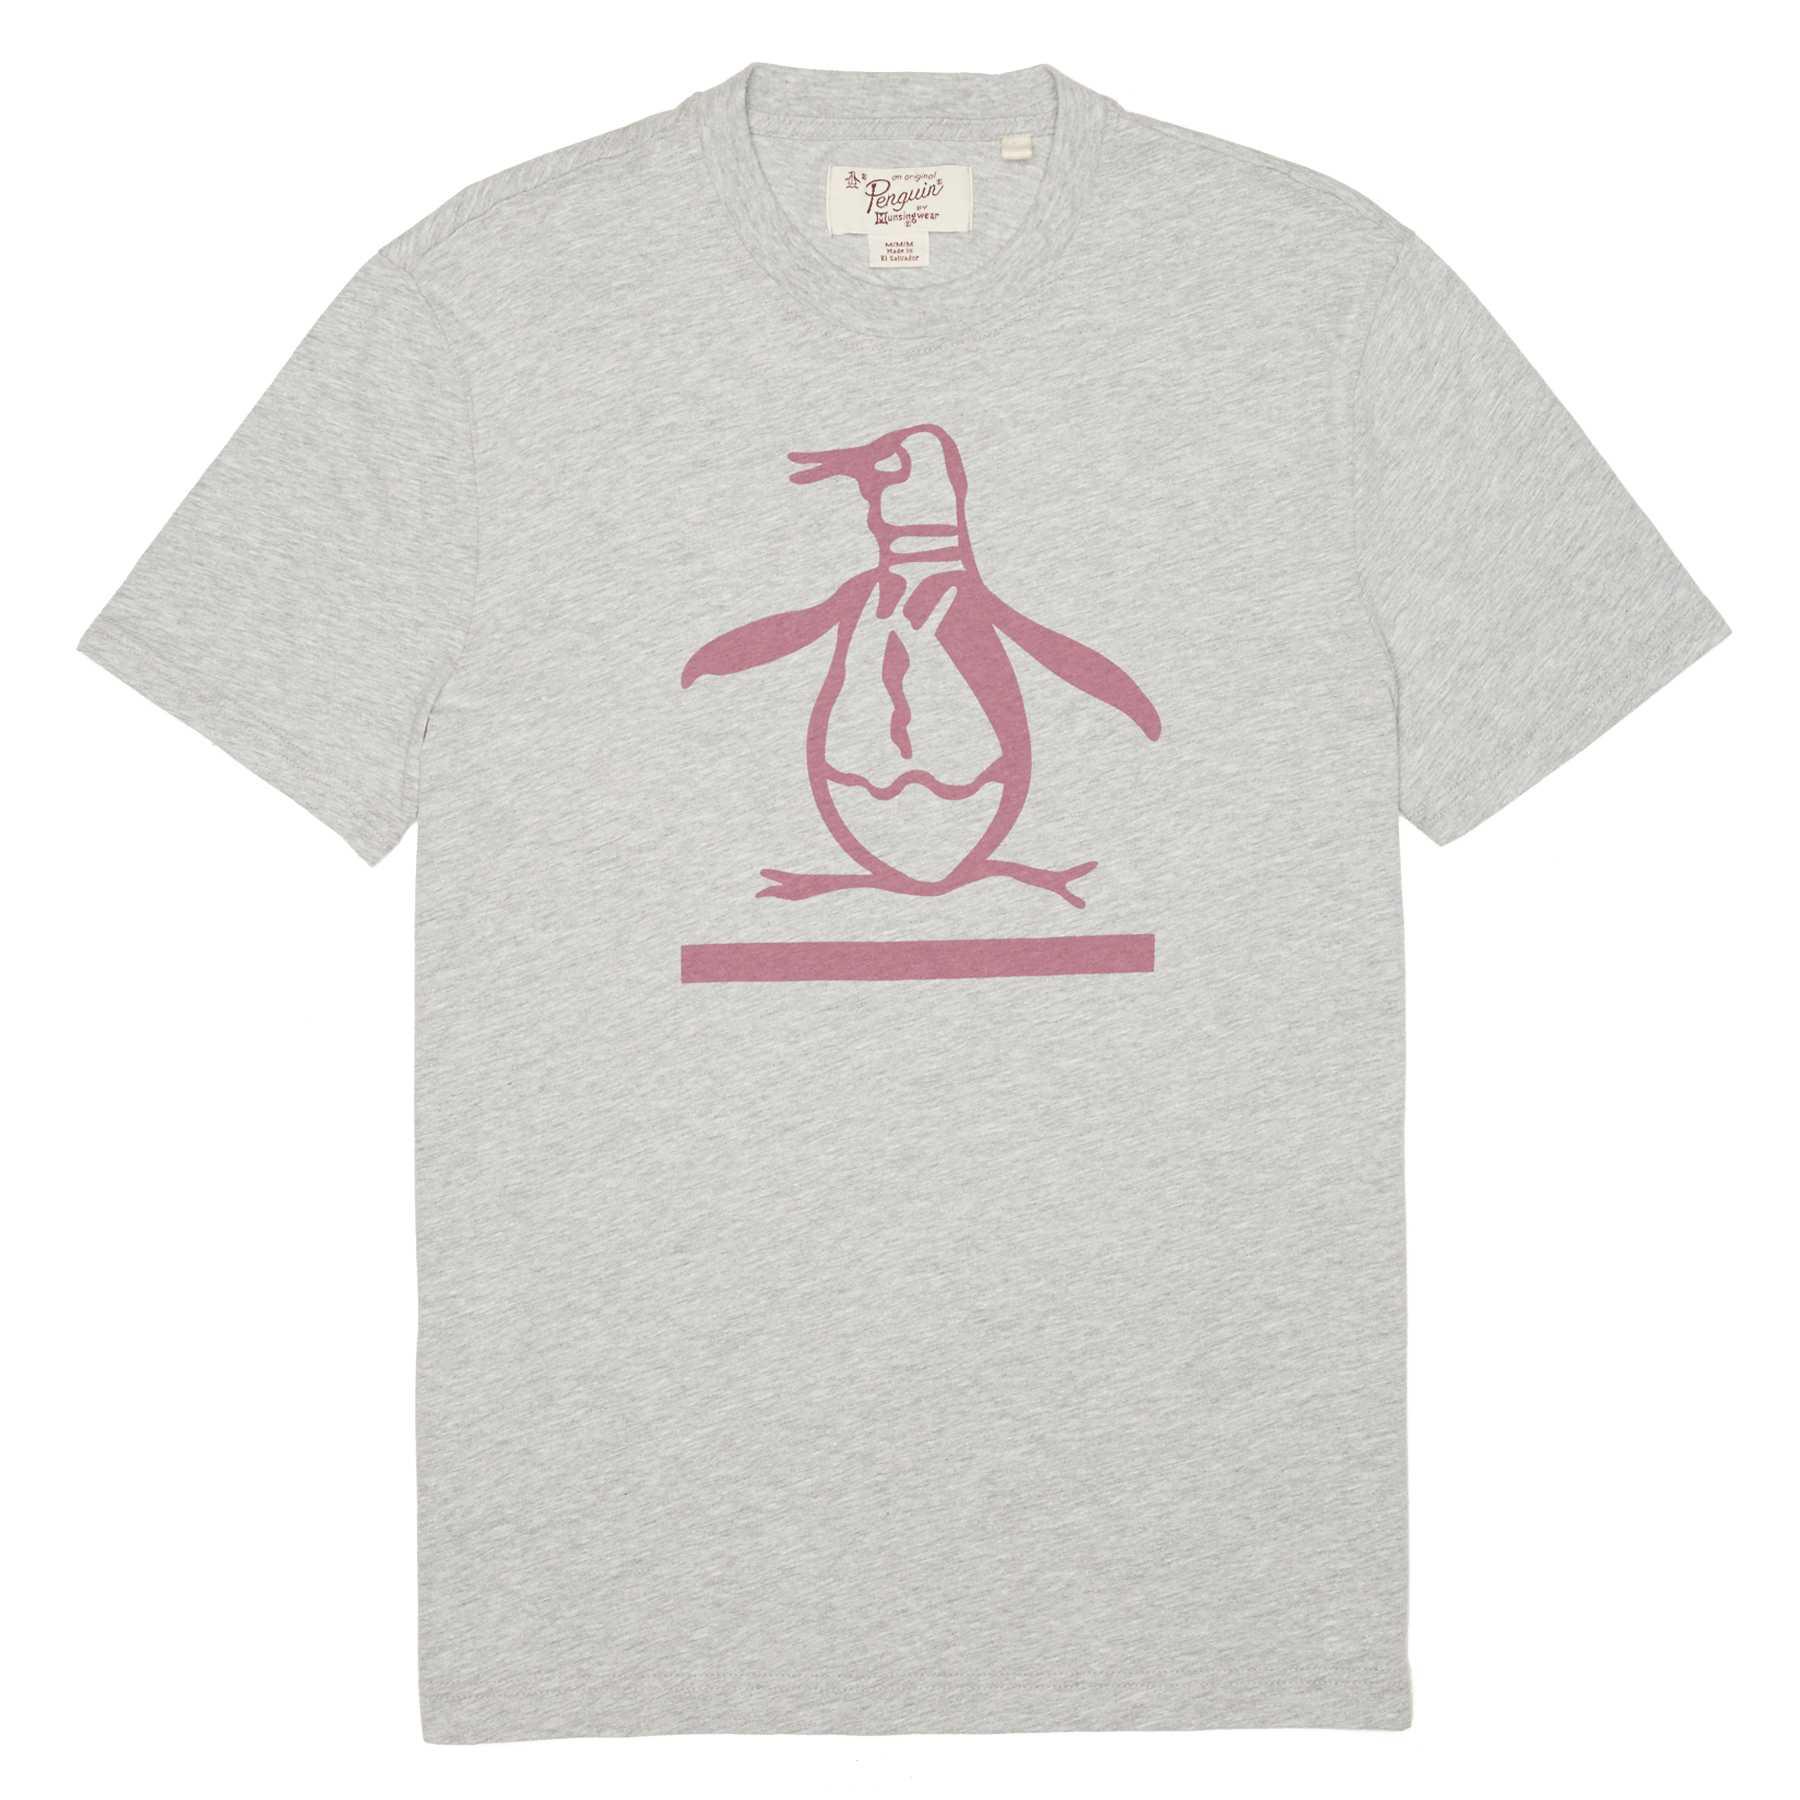 Original Penguin PETE TEE